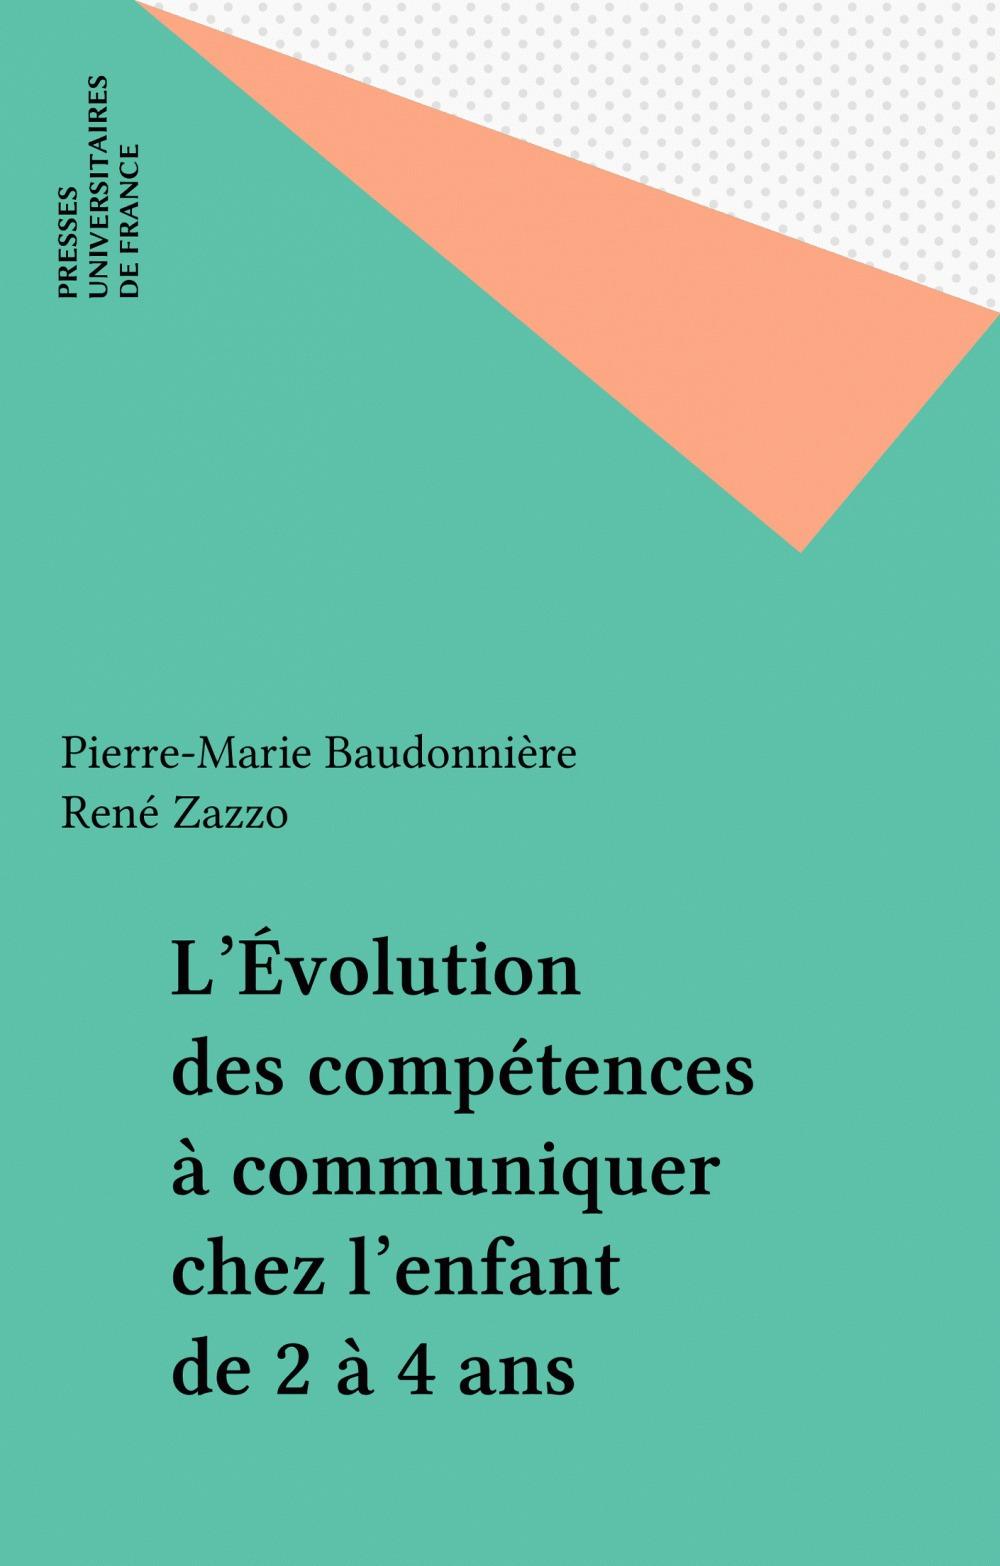 L'evolution des competences a communiquer chez l'enfant de 2 a 4 ans